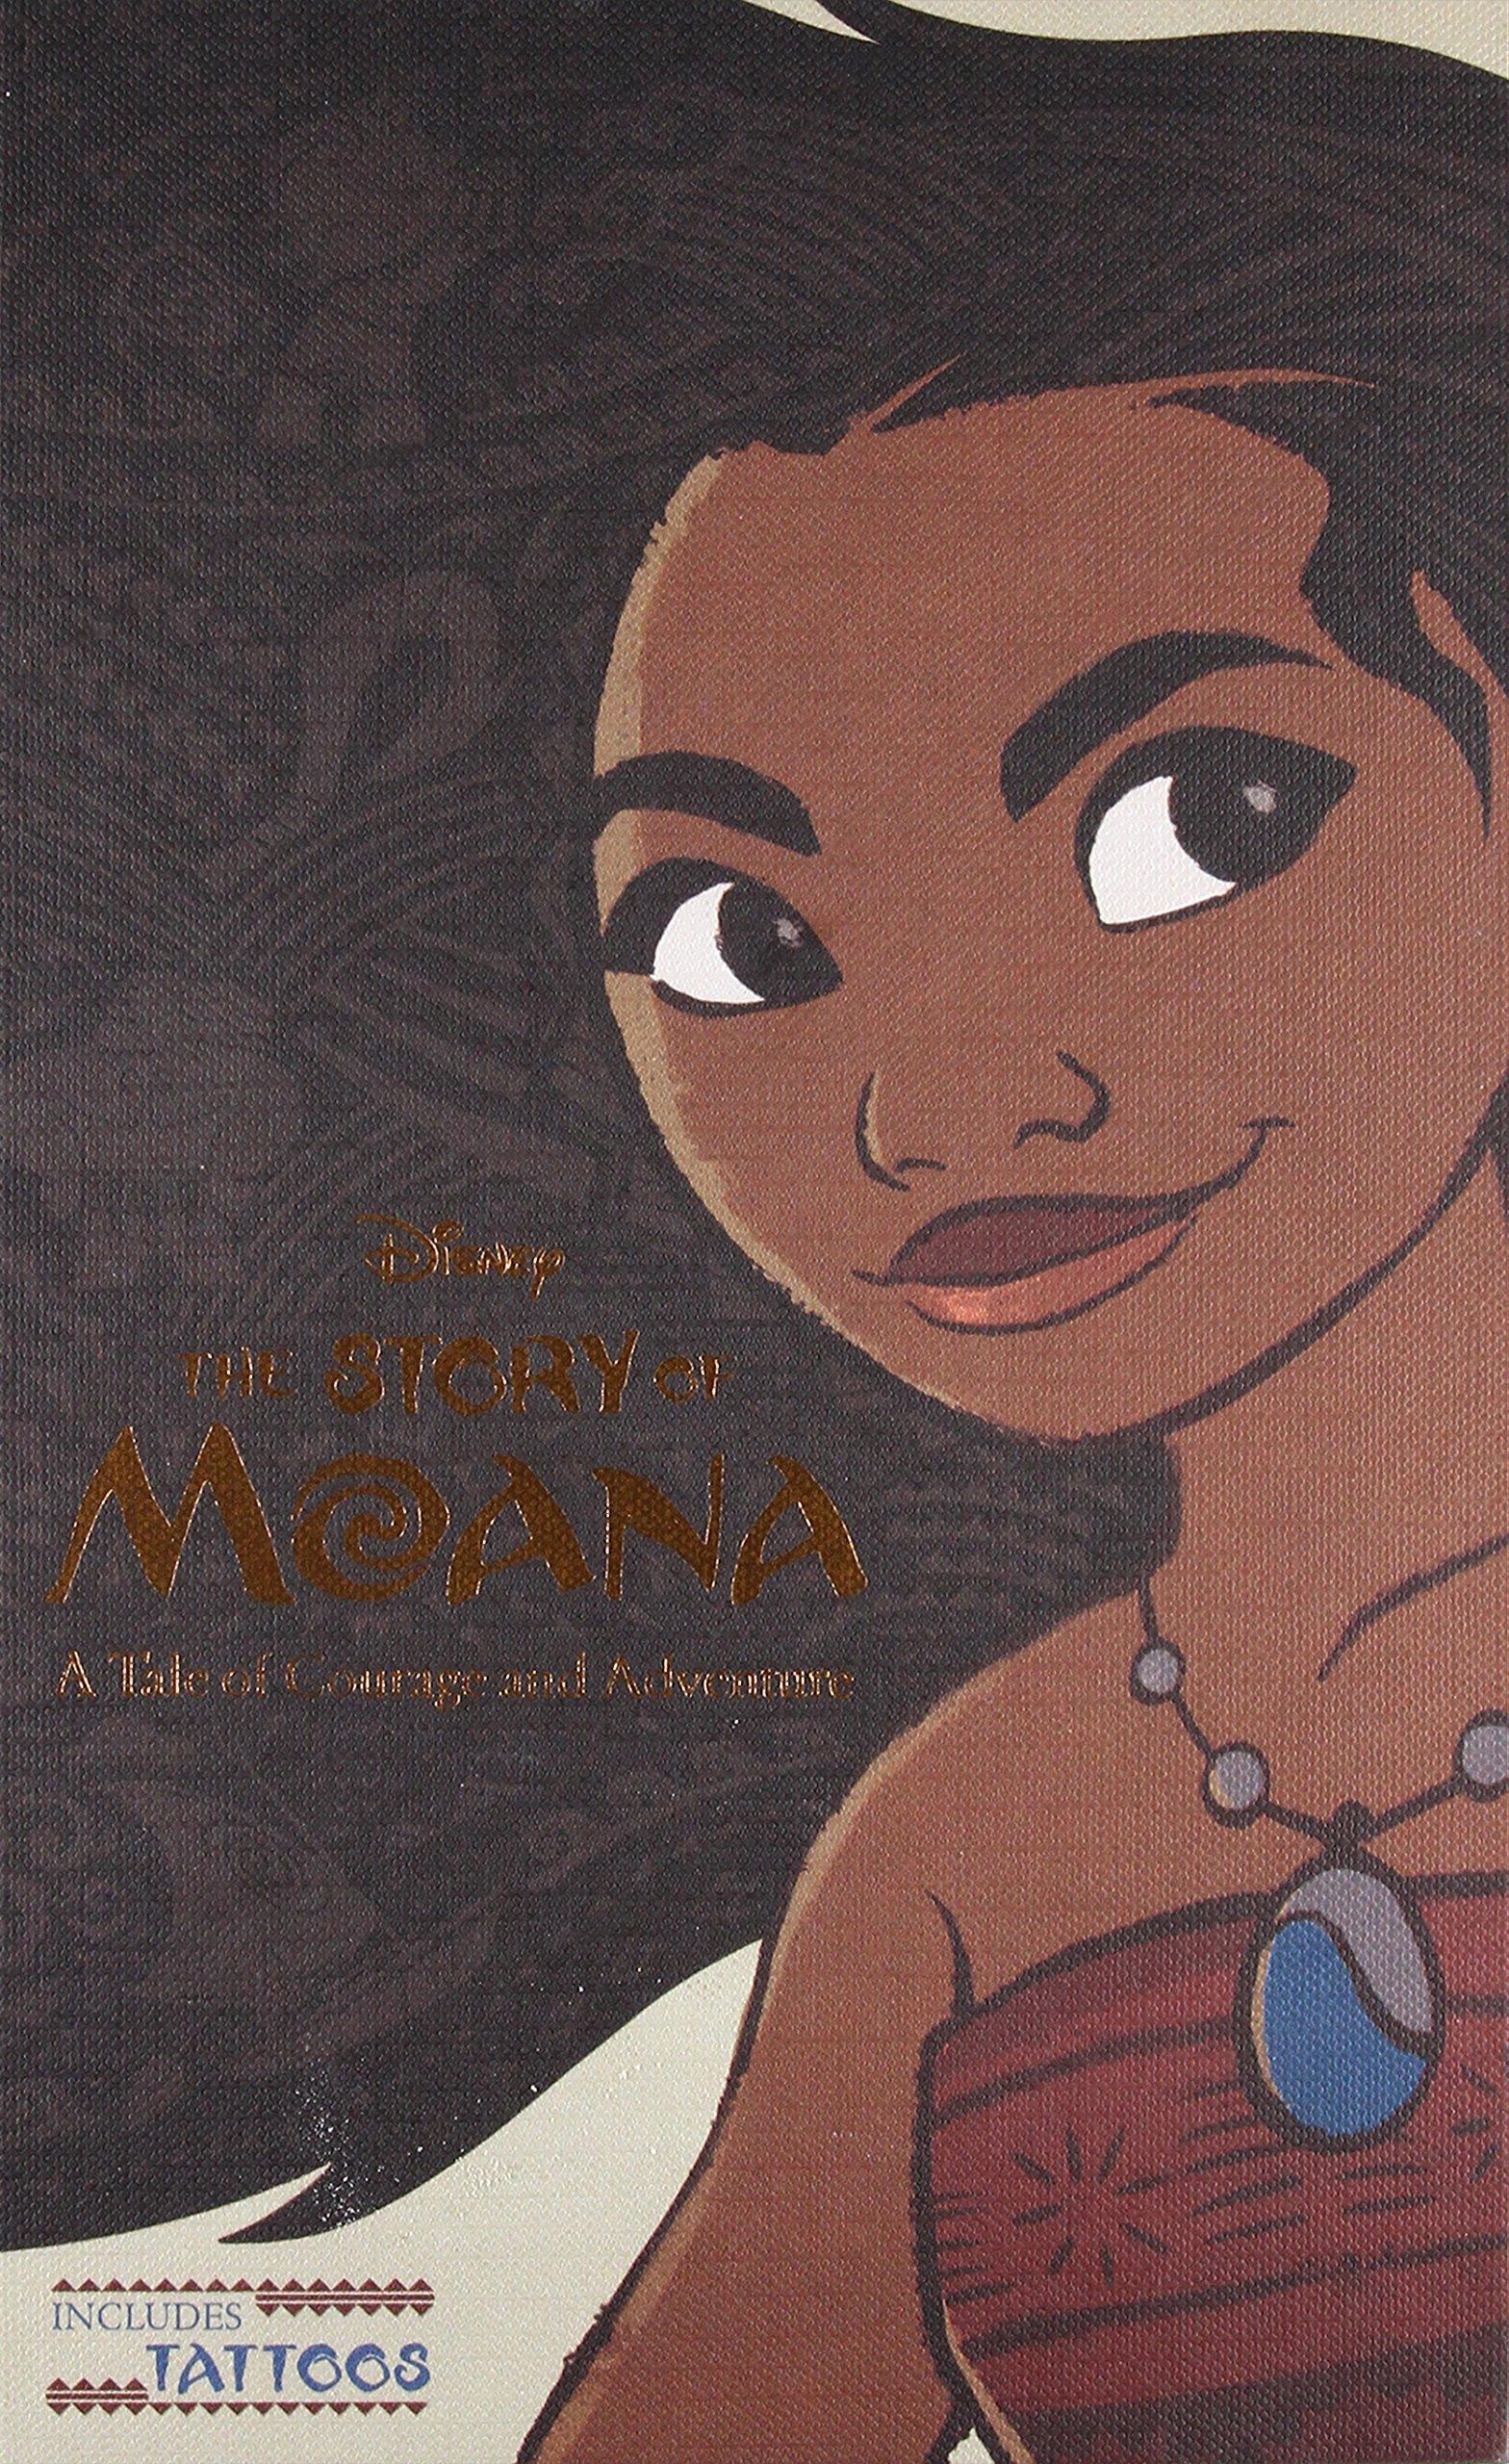 STORY OF MOANA